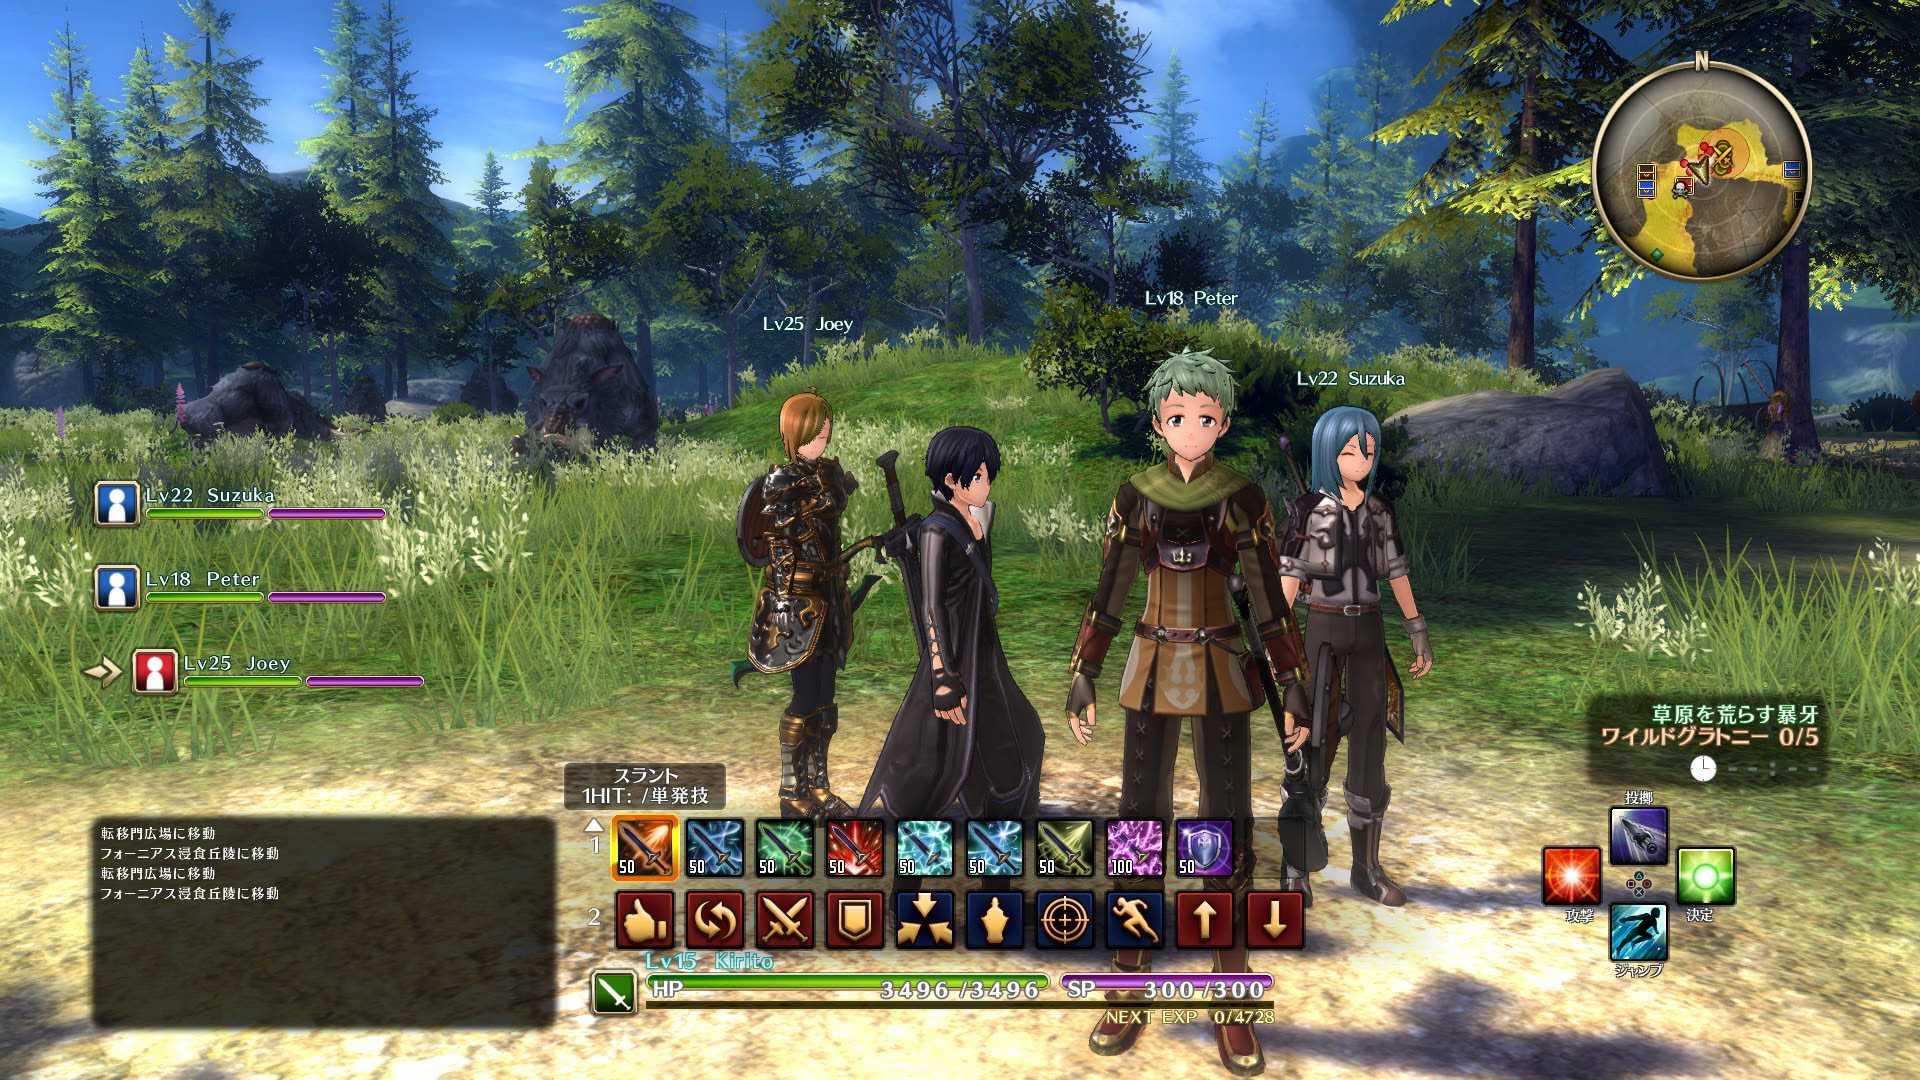 Sword Art Online: Hollow Realization Review - GodisaGeek com